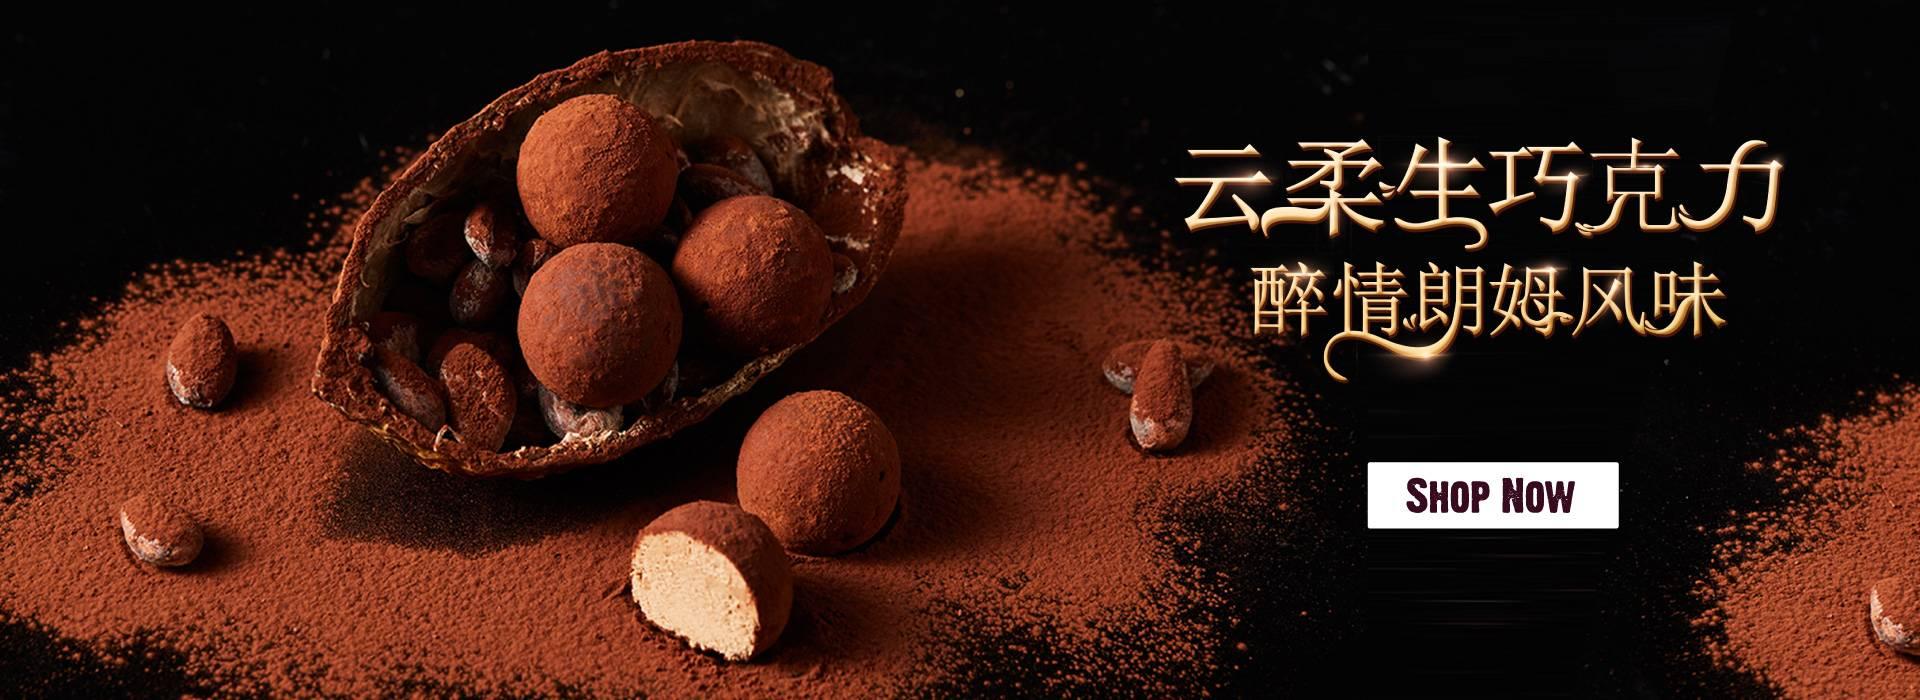 云柔生巧克力朗姆味